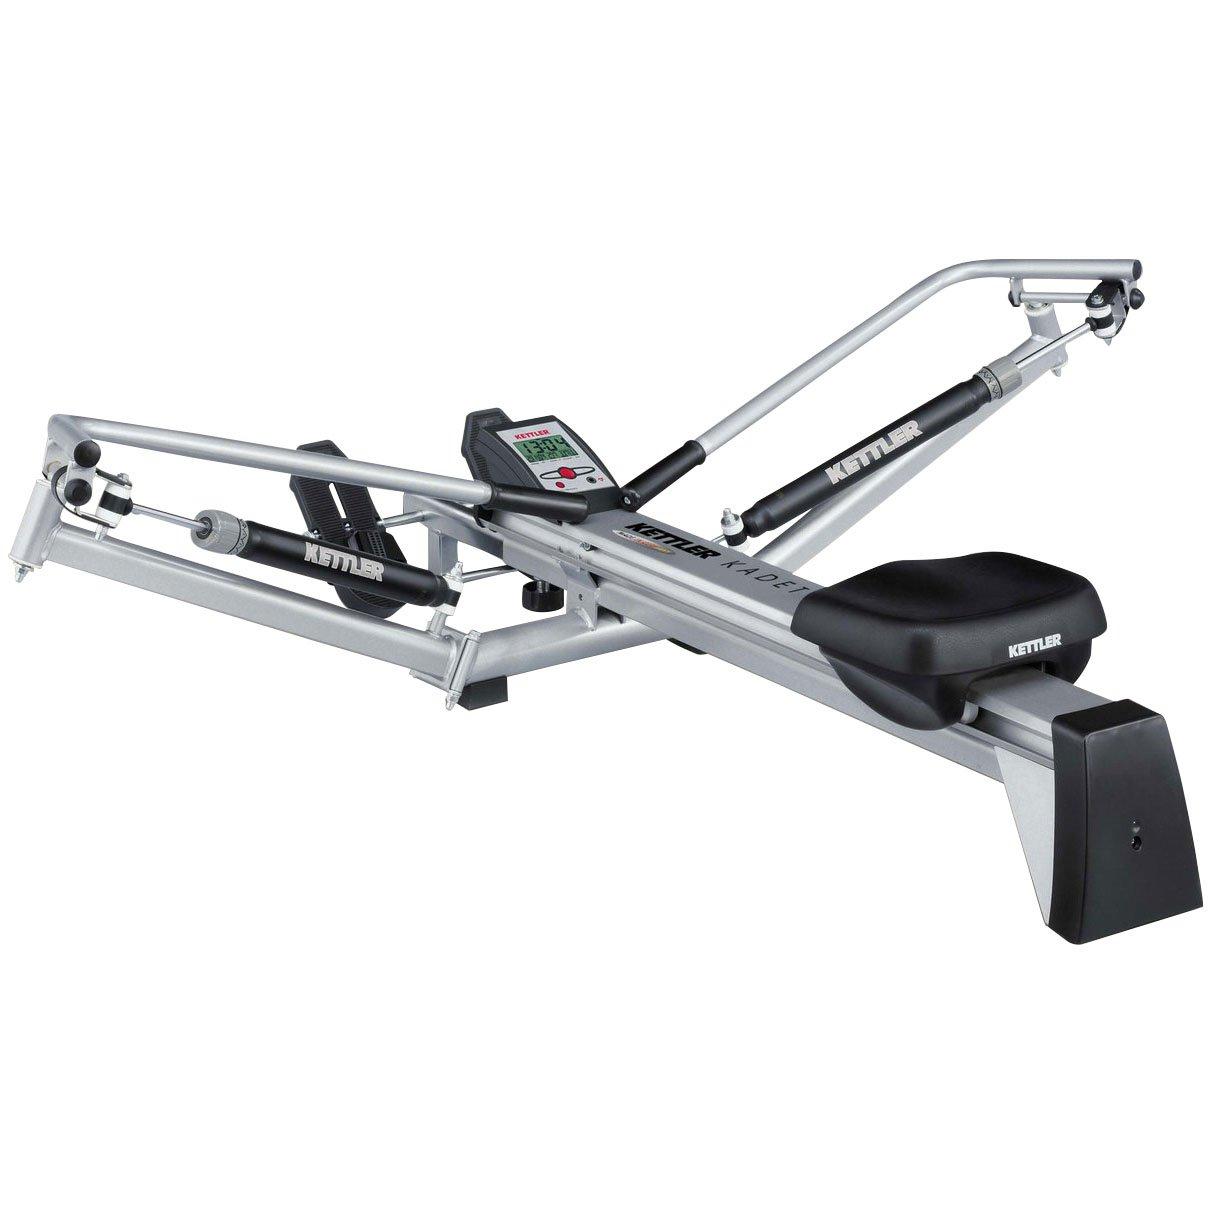 Kettler Home Exercise/Fitness Equipment: Kadett Outrigger Style Rower Rowing Machine by Kettler